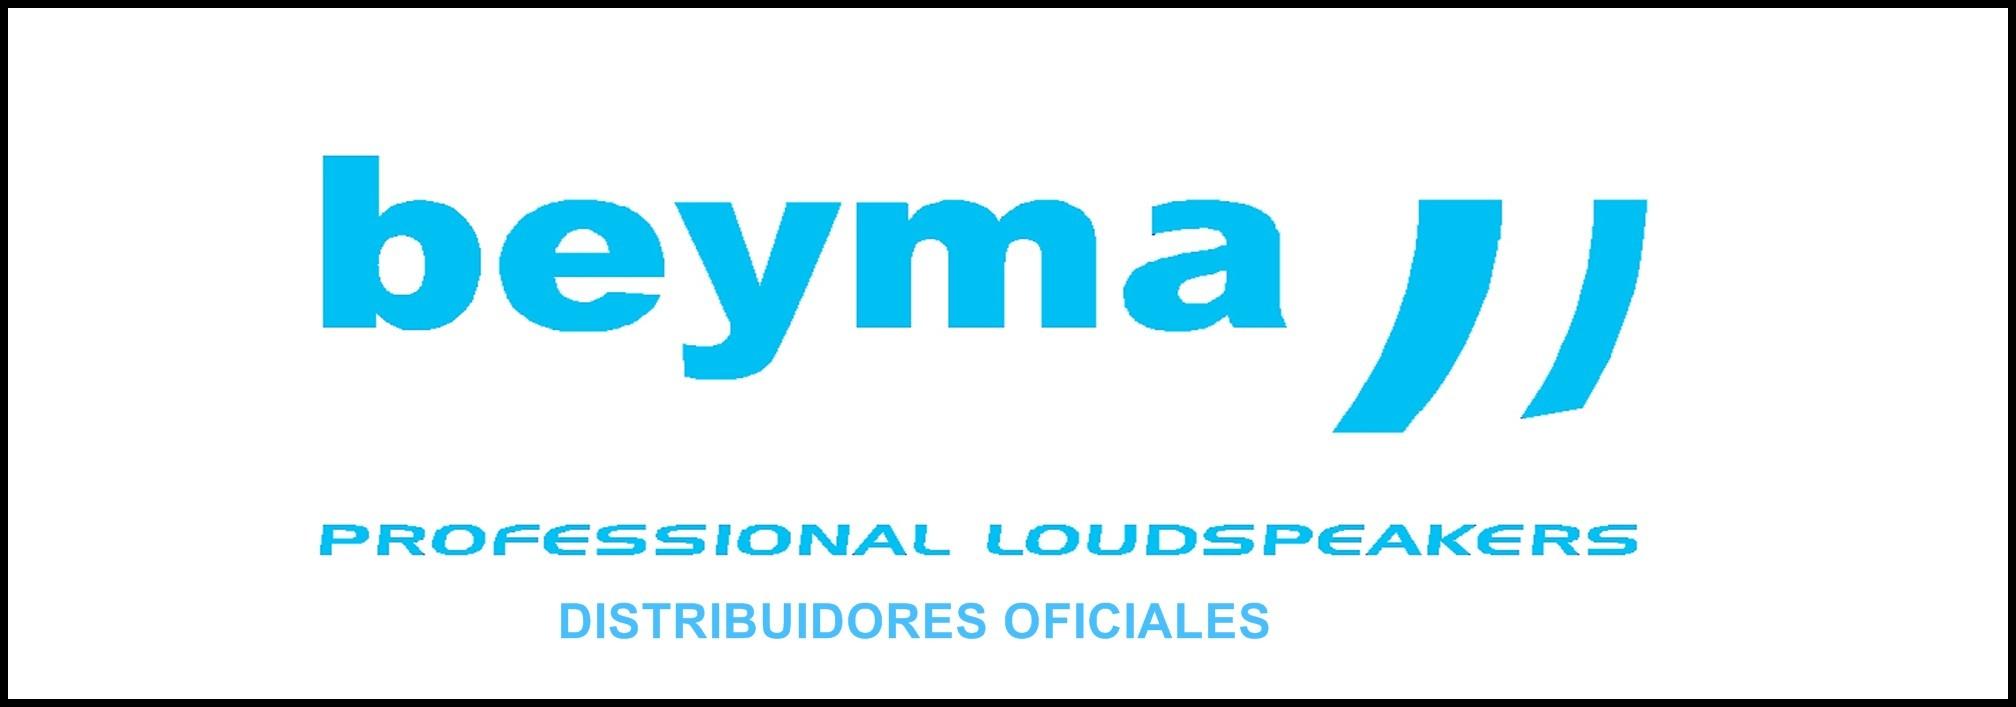 Distribuidores Oficiales de Beyma